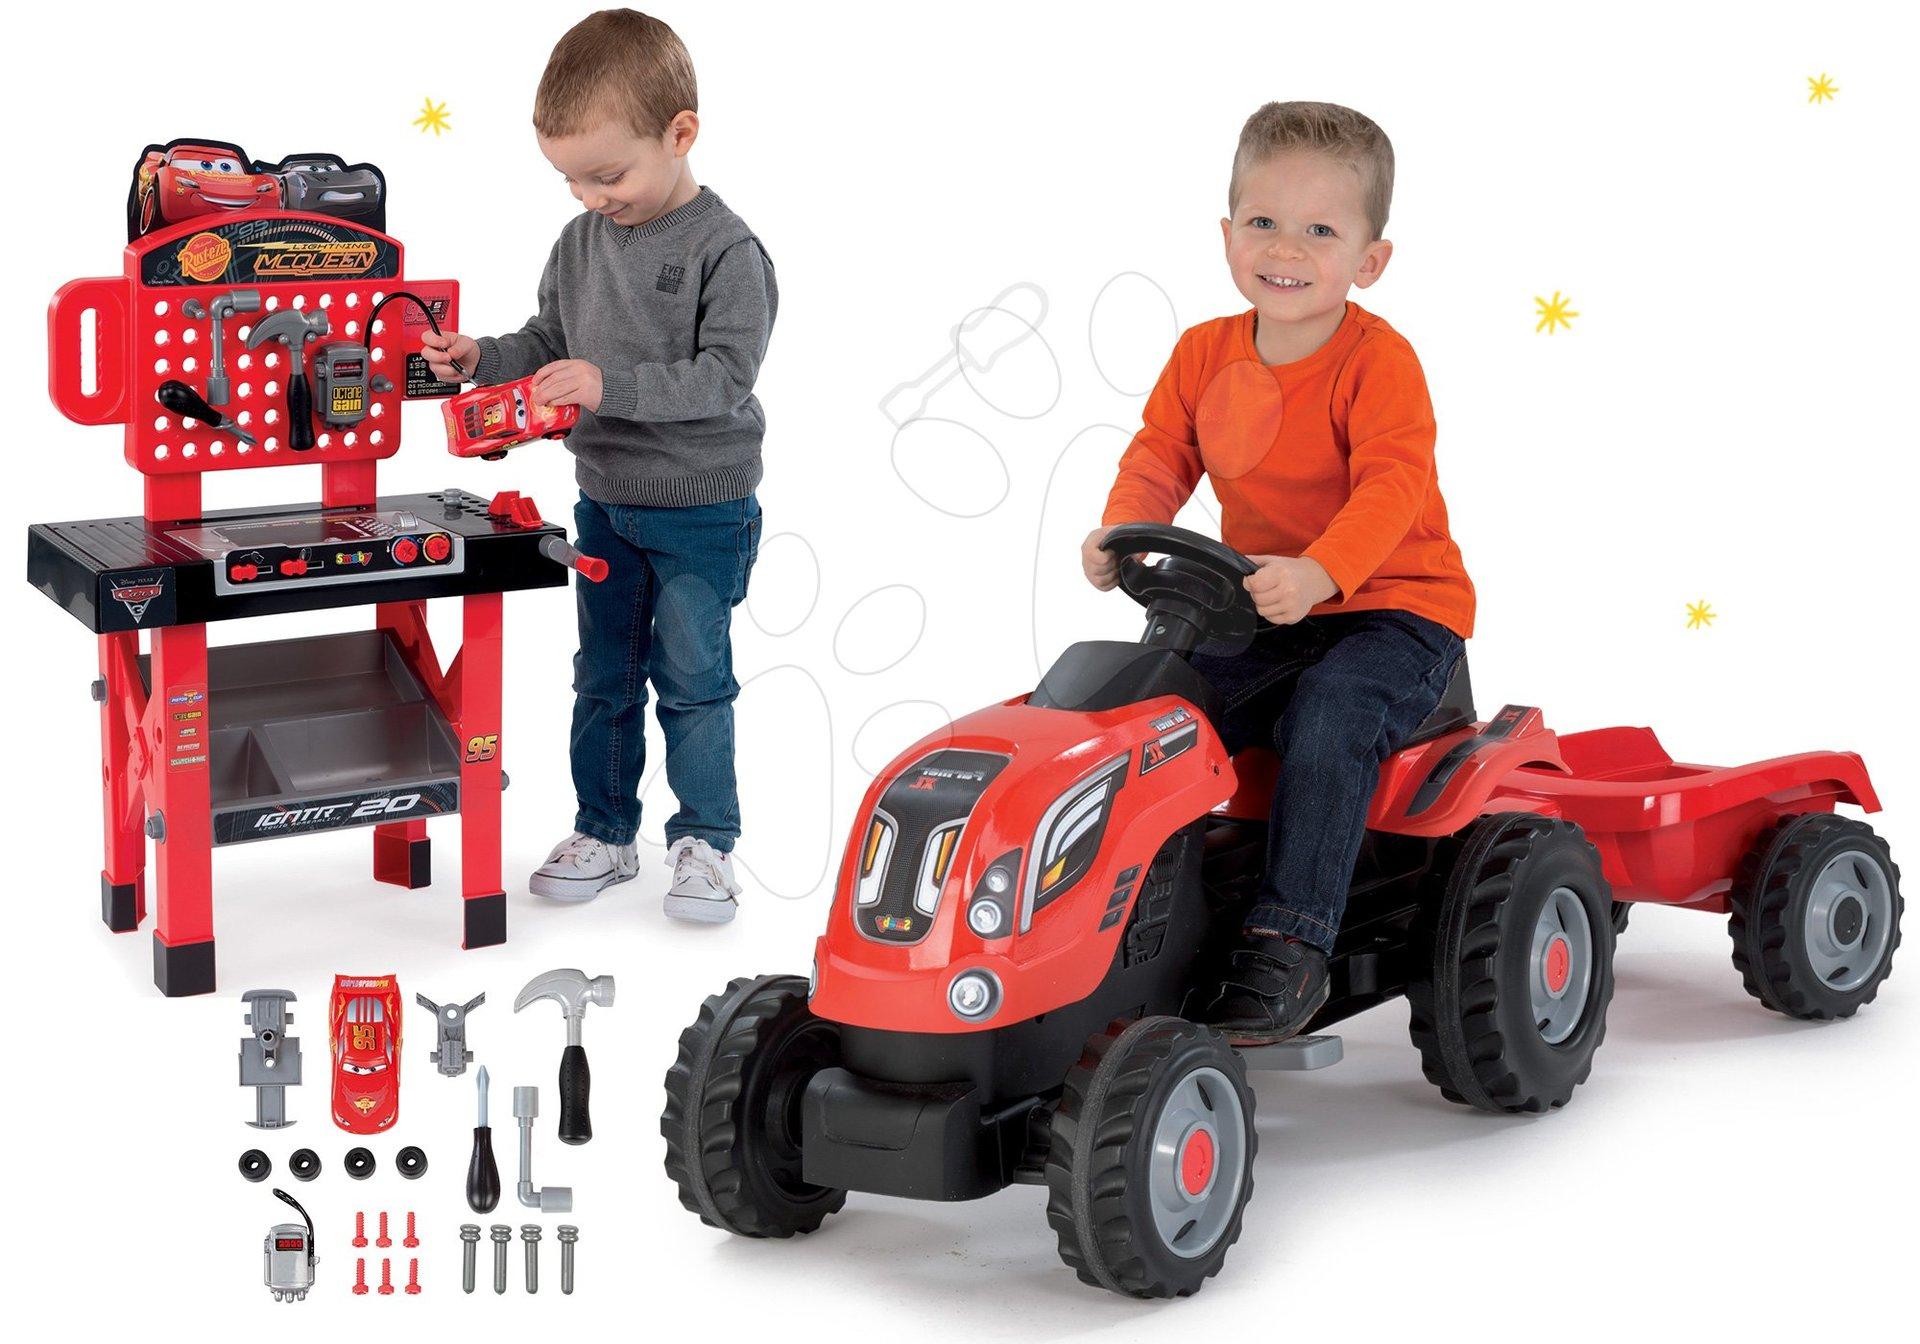 Smoby set traktor na šlapání Farmer XL Smoby s přívěsem a pracovní dílna Auta 3 se skládacím autíčkem 710108-6